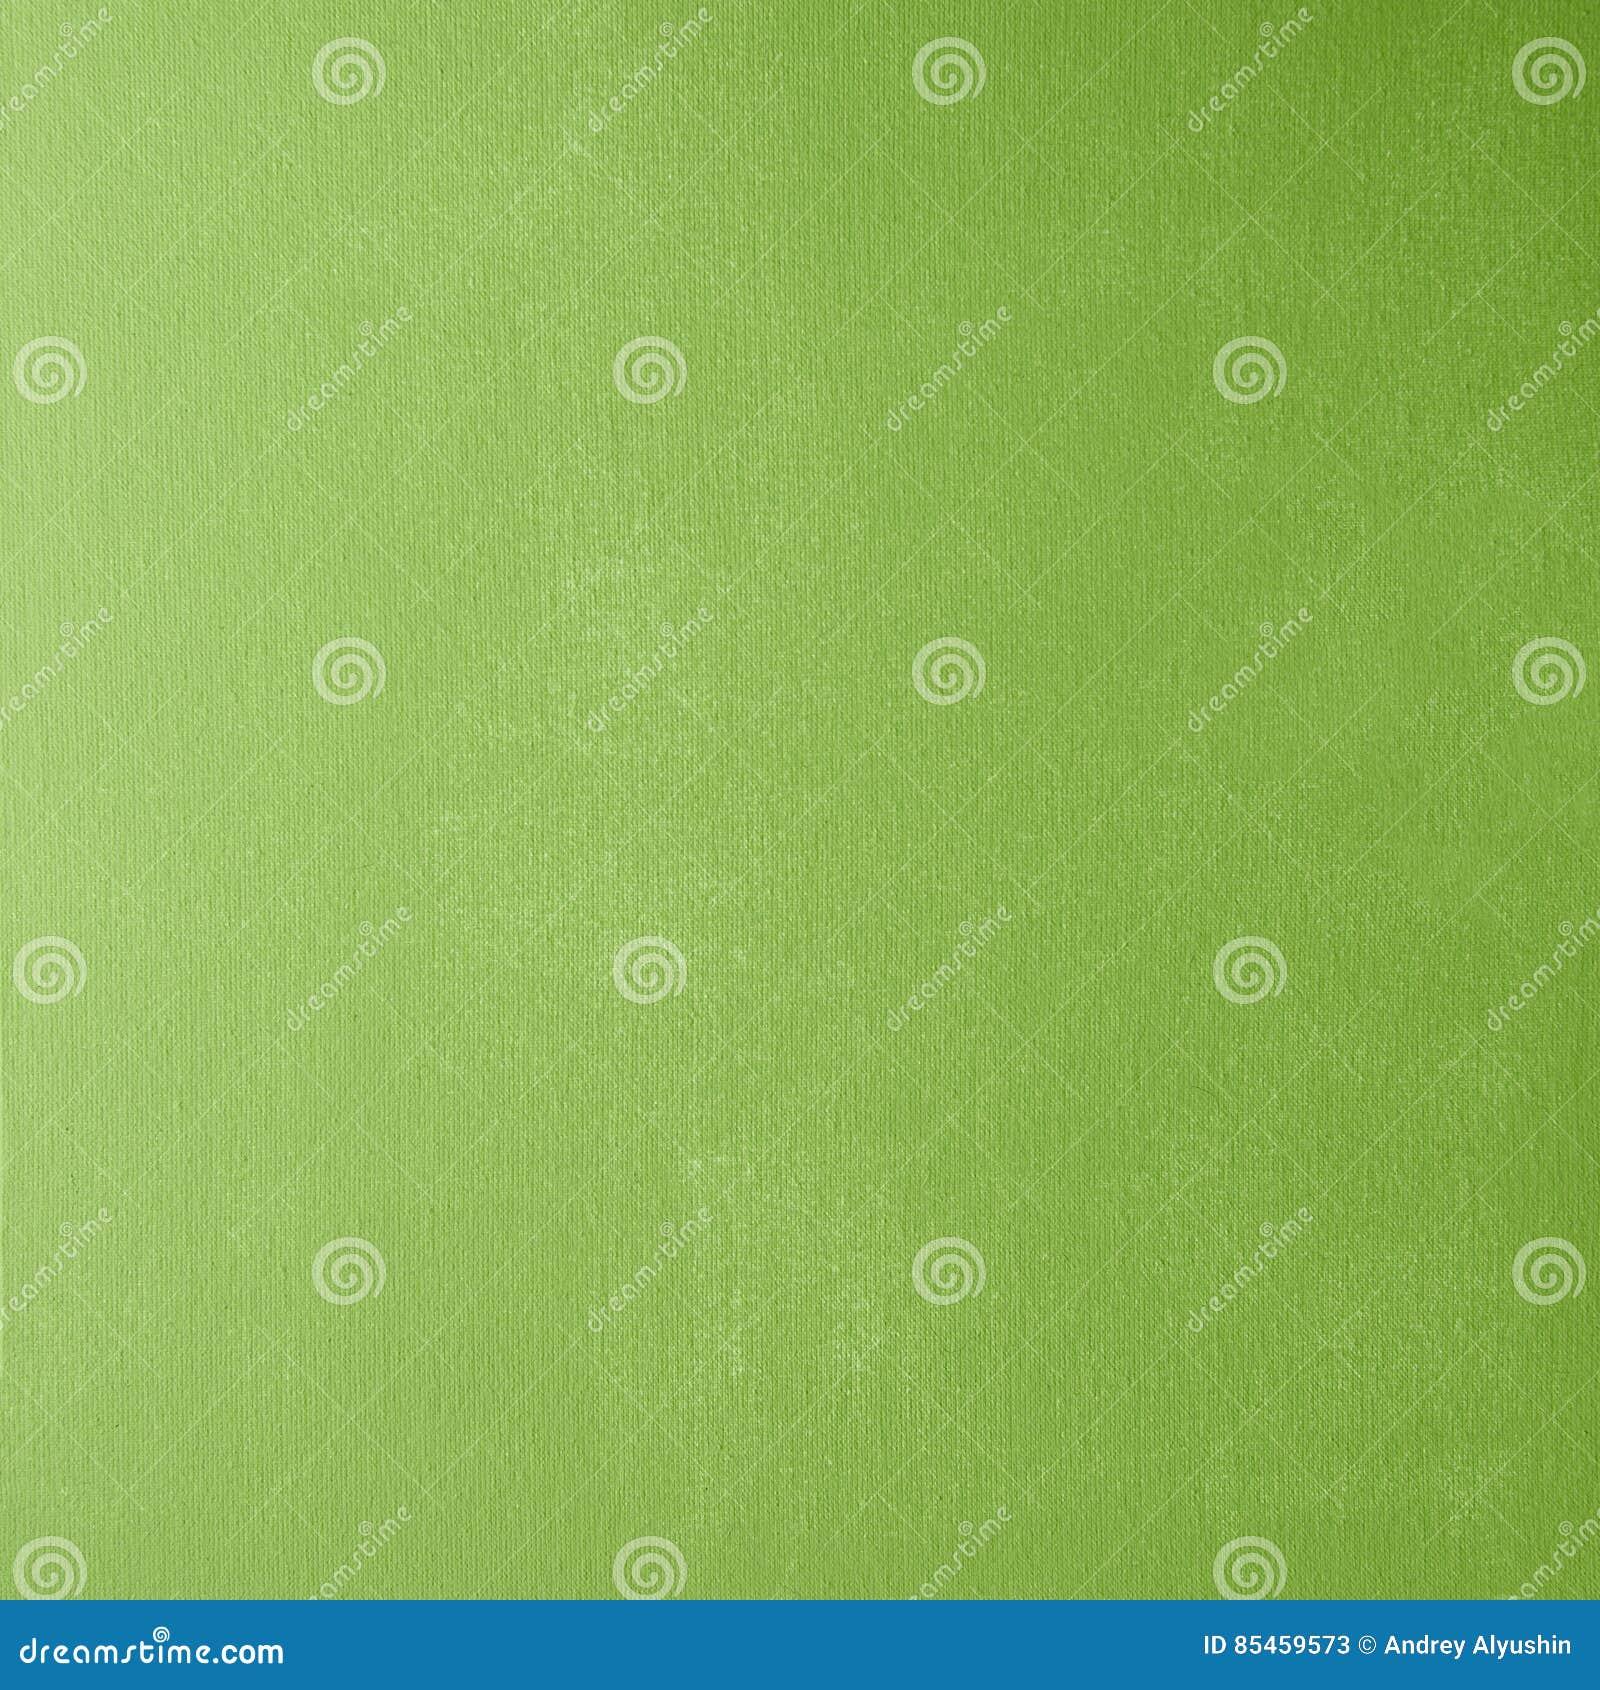 Grünsegeltuch-Grünhintergrund